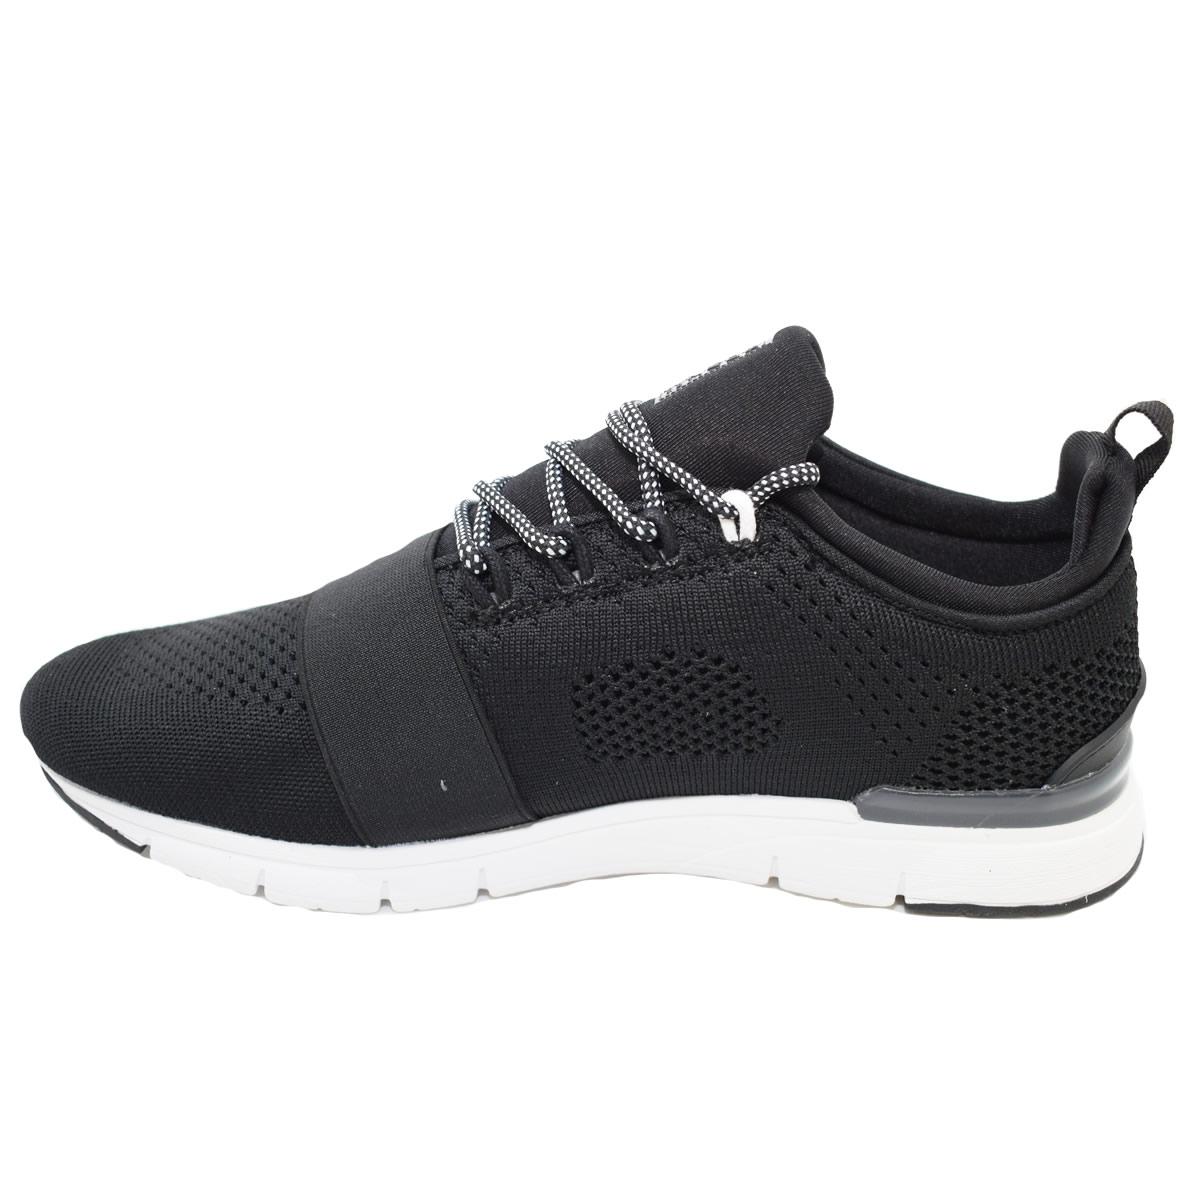 23fe5e111a90eb Three - Stealth - Tommy Bowe Footwear - Lloyd   Pryce - Tommy Bowe ...